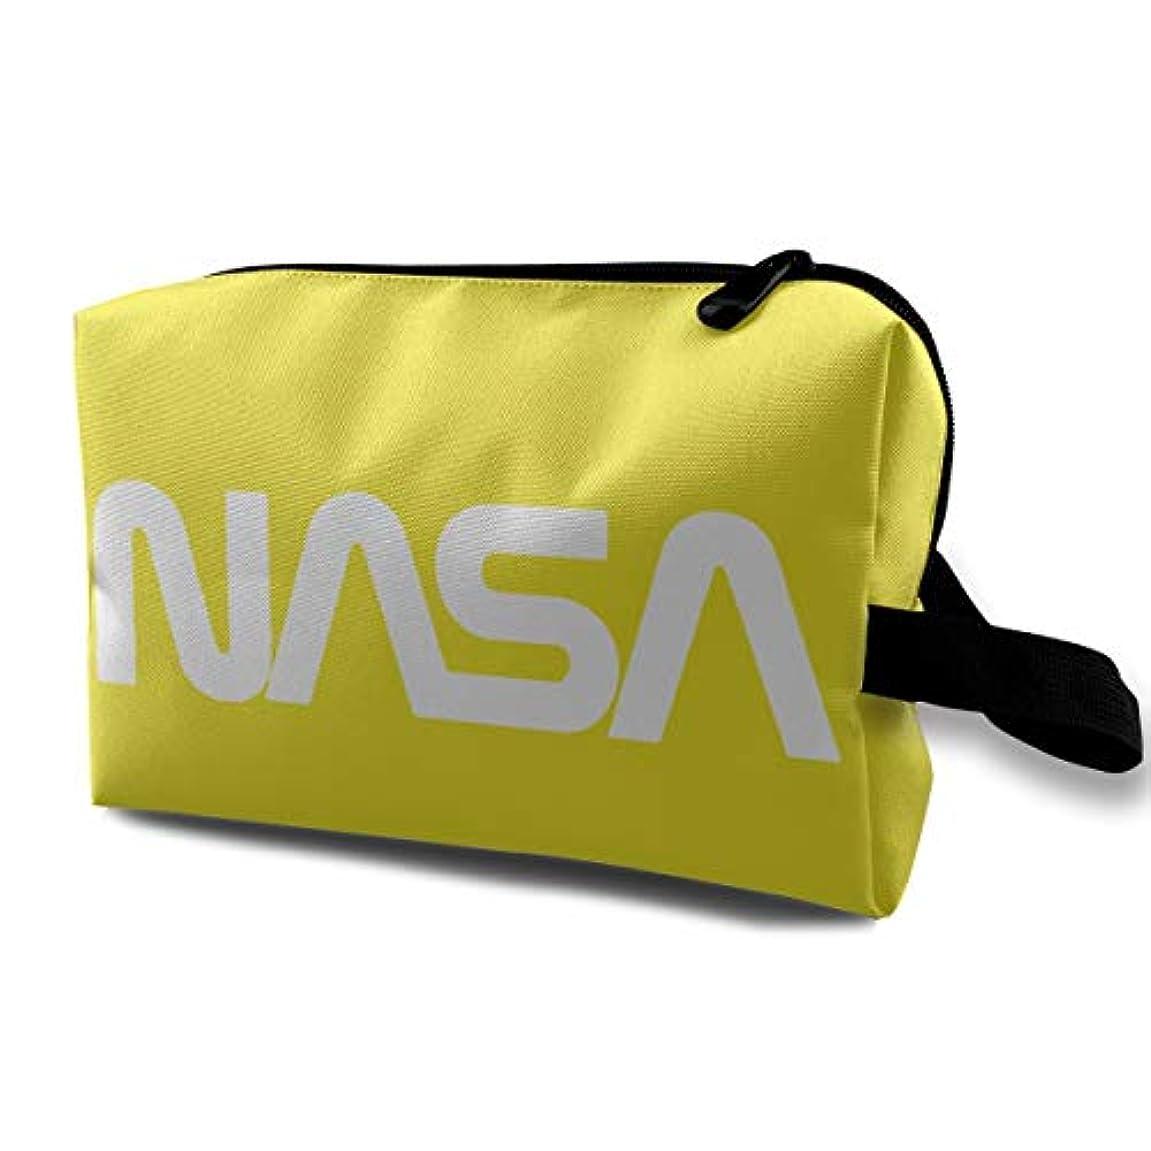 発行オン仮装DSB 化粧ポーチ コンパクト メイクポーチ 化粧バッグ NASA 航空 宇宙 化粧品 収納バッグ コスメポーチ メイクブラシバッグ 旅行用 大容量